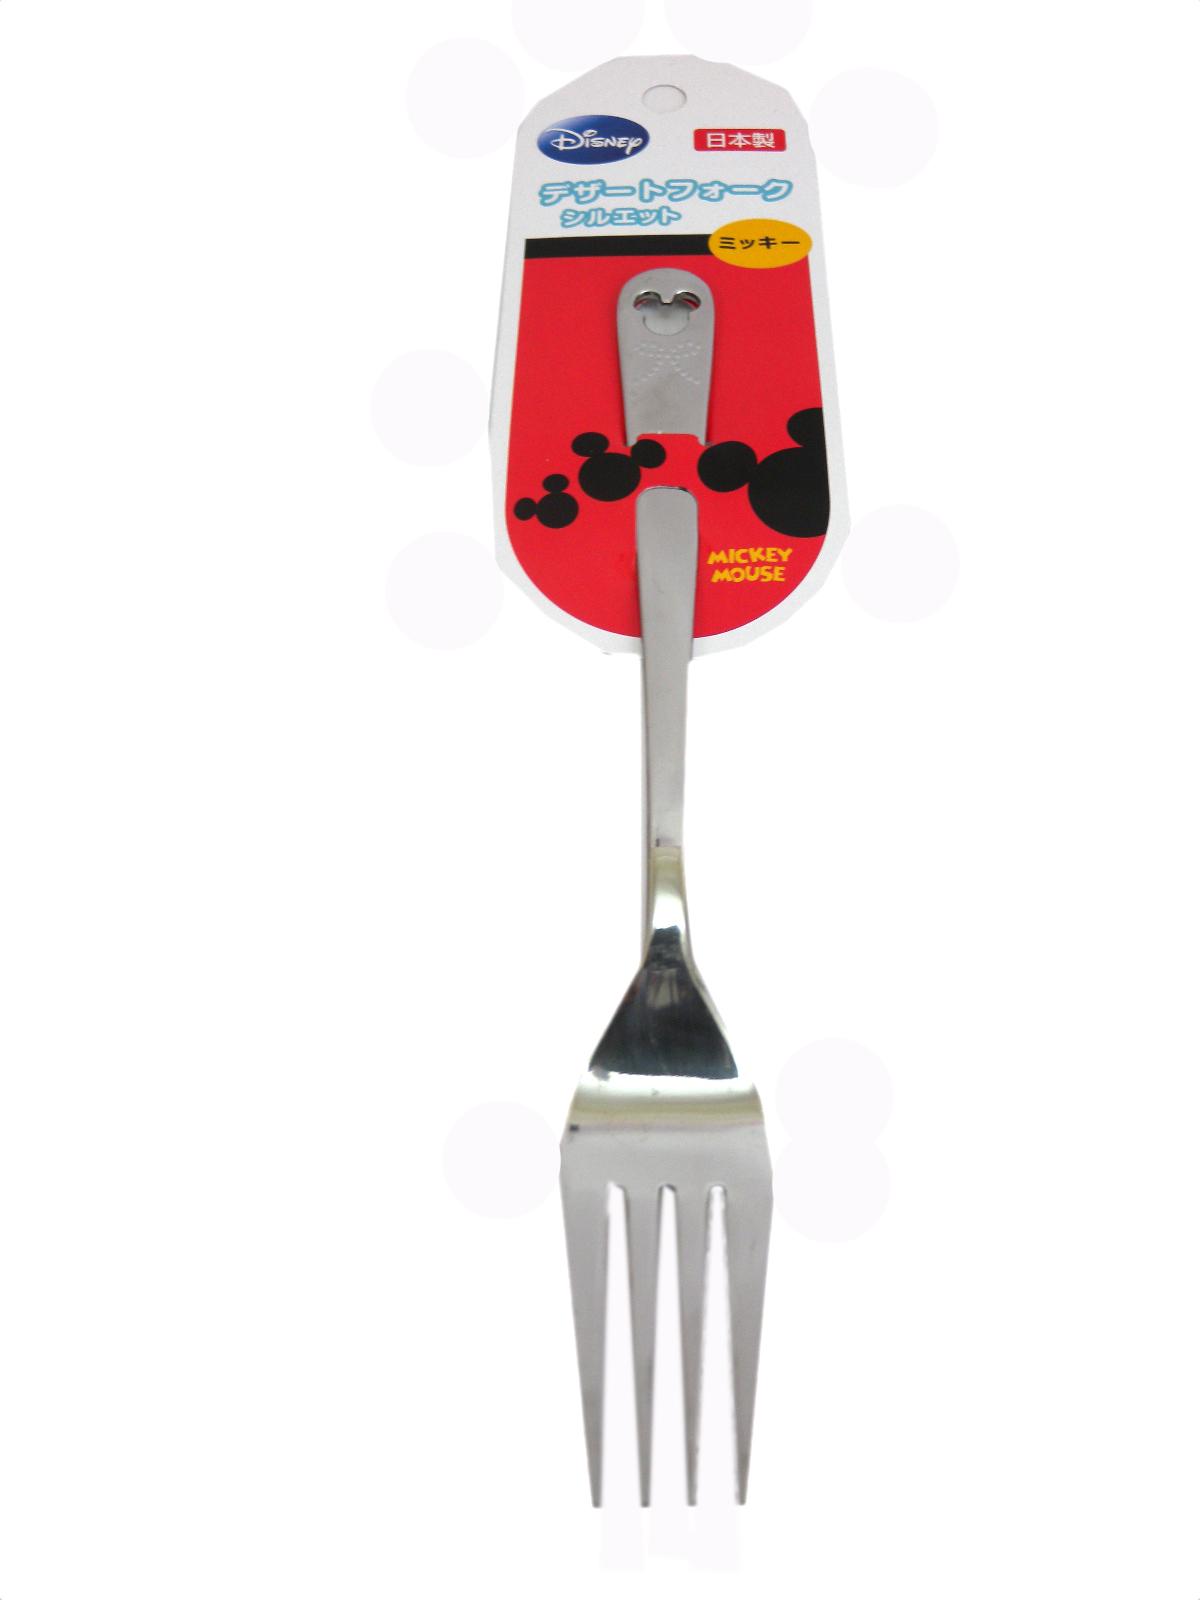 【真愛日本】15090400013 造型不鏽鋼叉子大-MK頭 迪士尼 米老鼠米奇 米妮 叉子 餐具 水果叉 食器 餐具